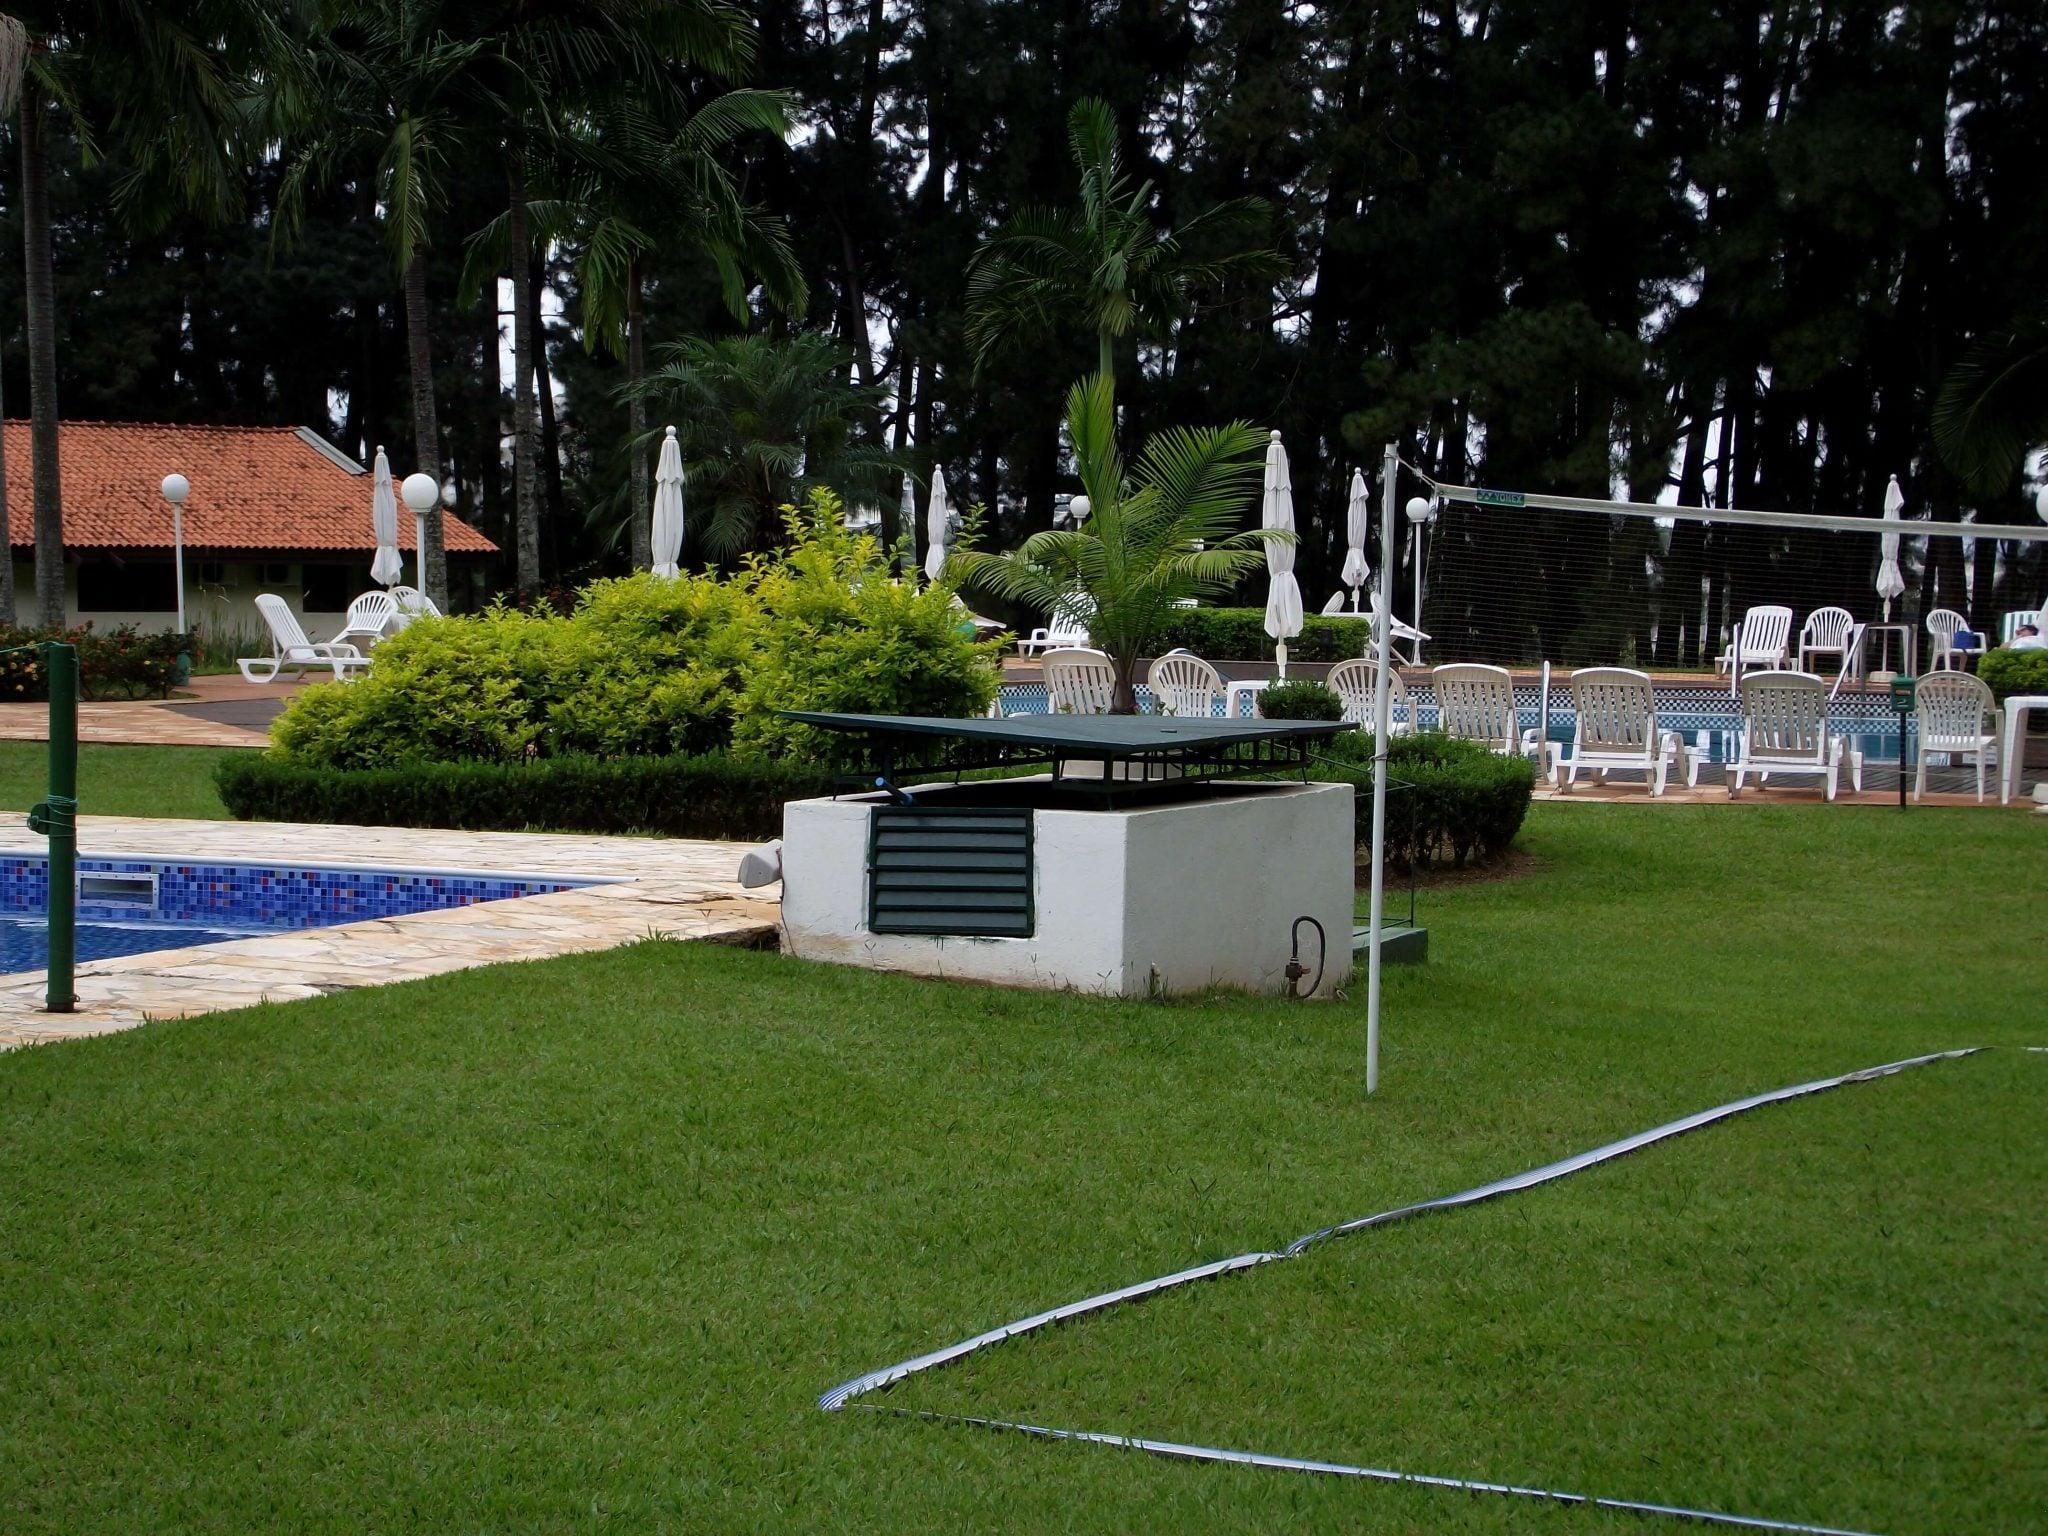 Piscina e campo gramado do SPA Sorocaba